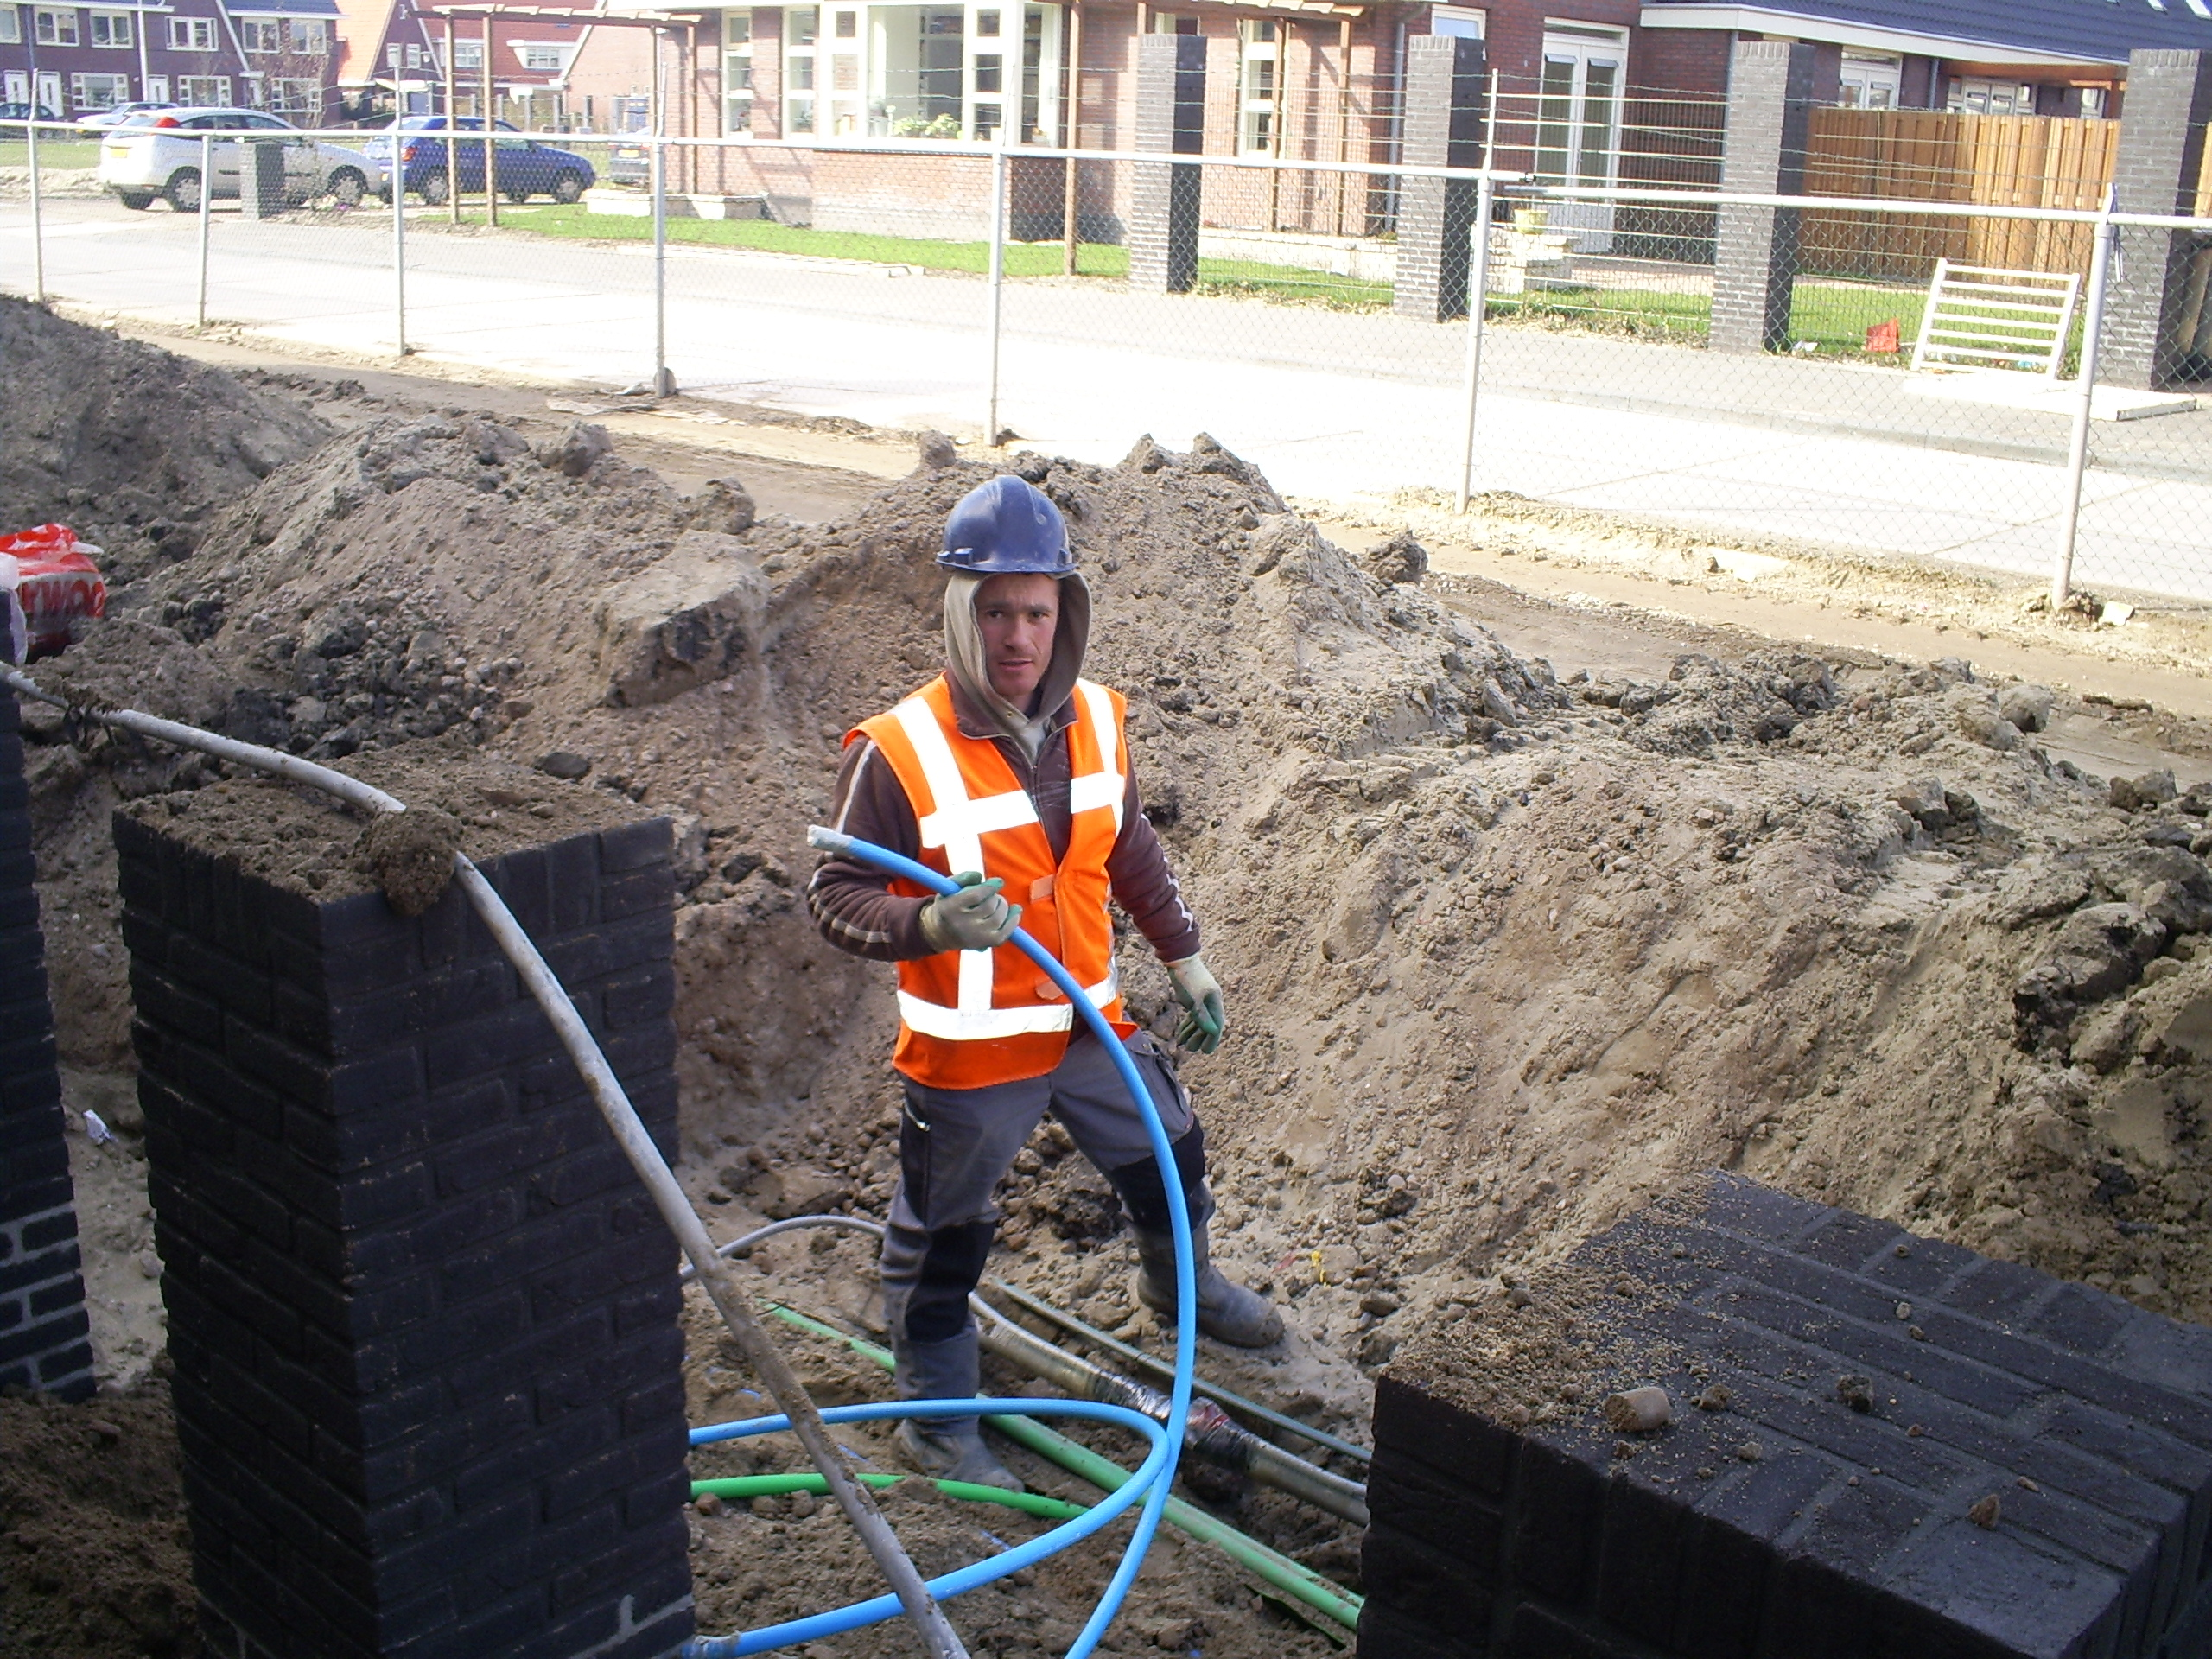 Kabelwerken in Amstelveen in opdracht van Jos van der Lubbe (2008)